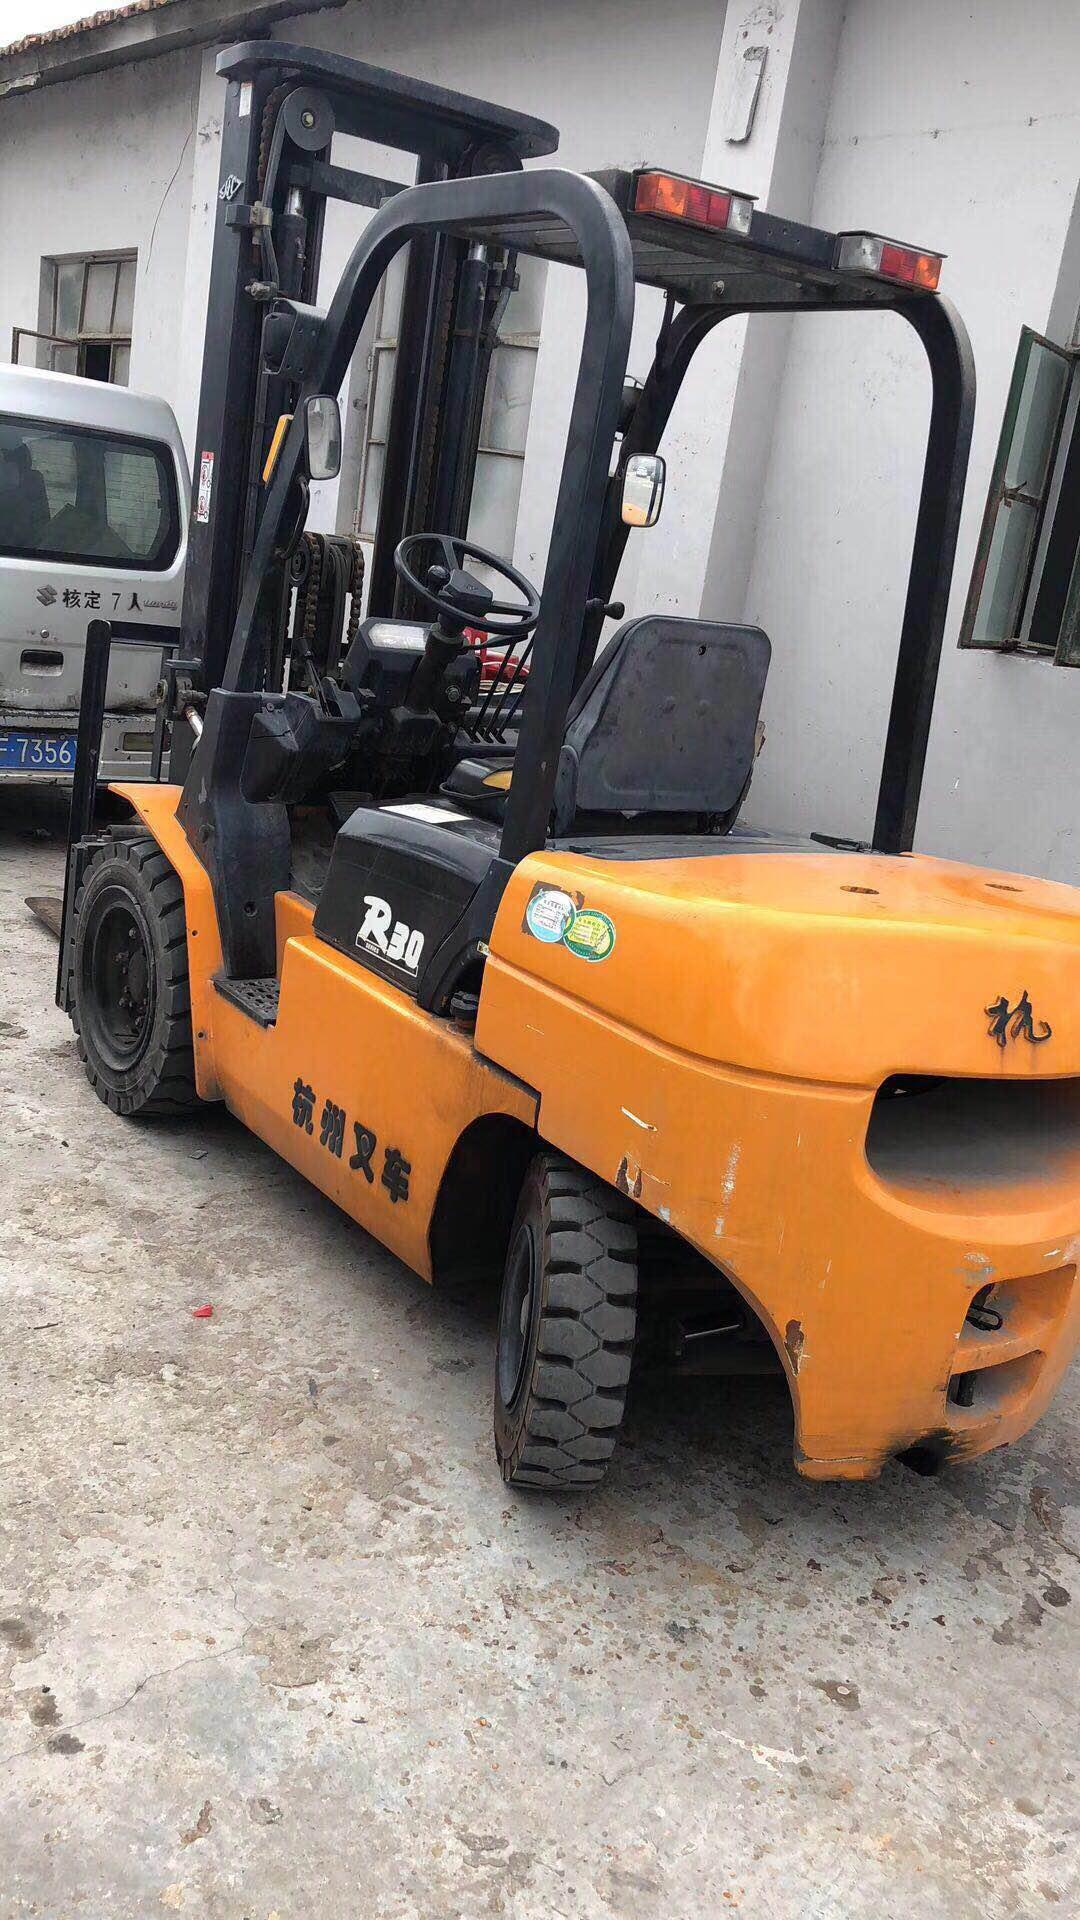 浙江二手叉車租賃_電動叉車-金華市合強工程機械有限公司